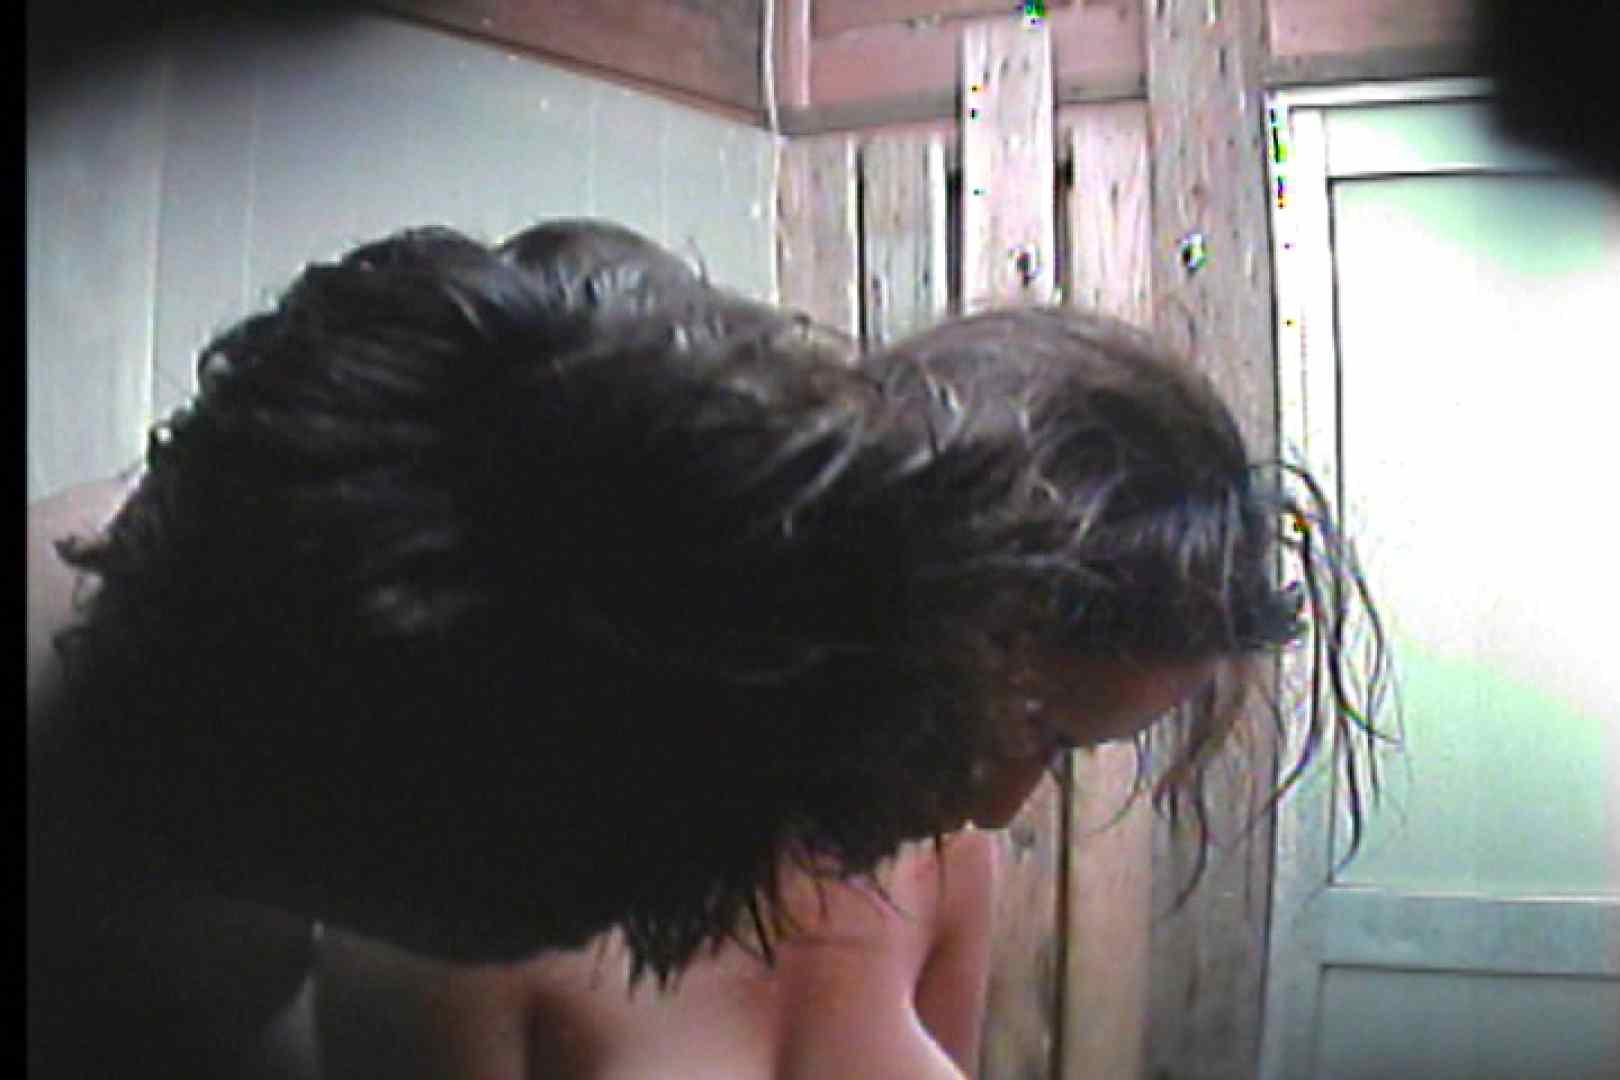 海の家の更衣室 Vol.33 シャワー | OLの実態  49pic 16